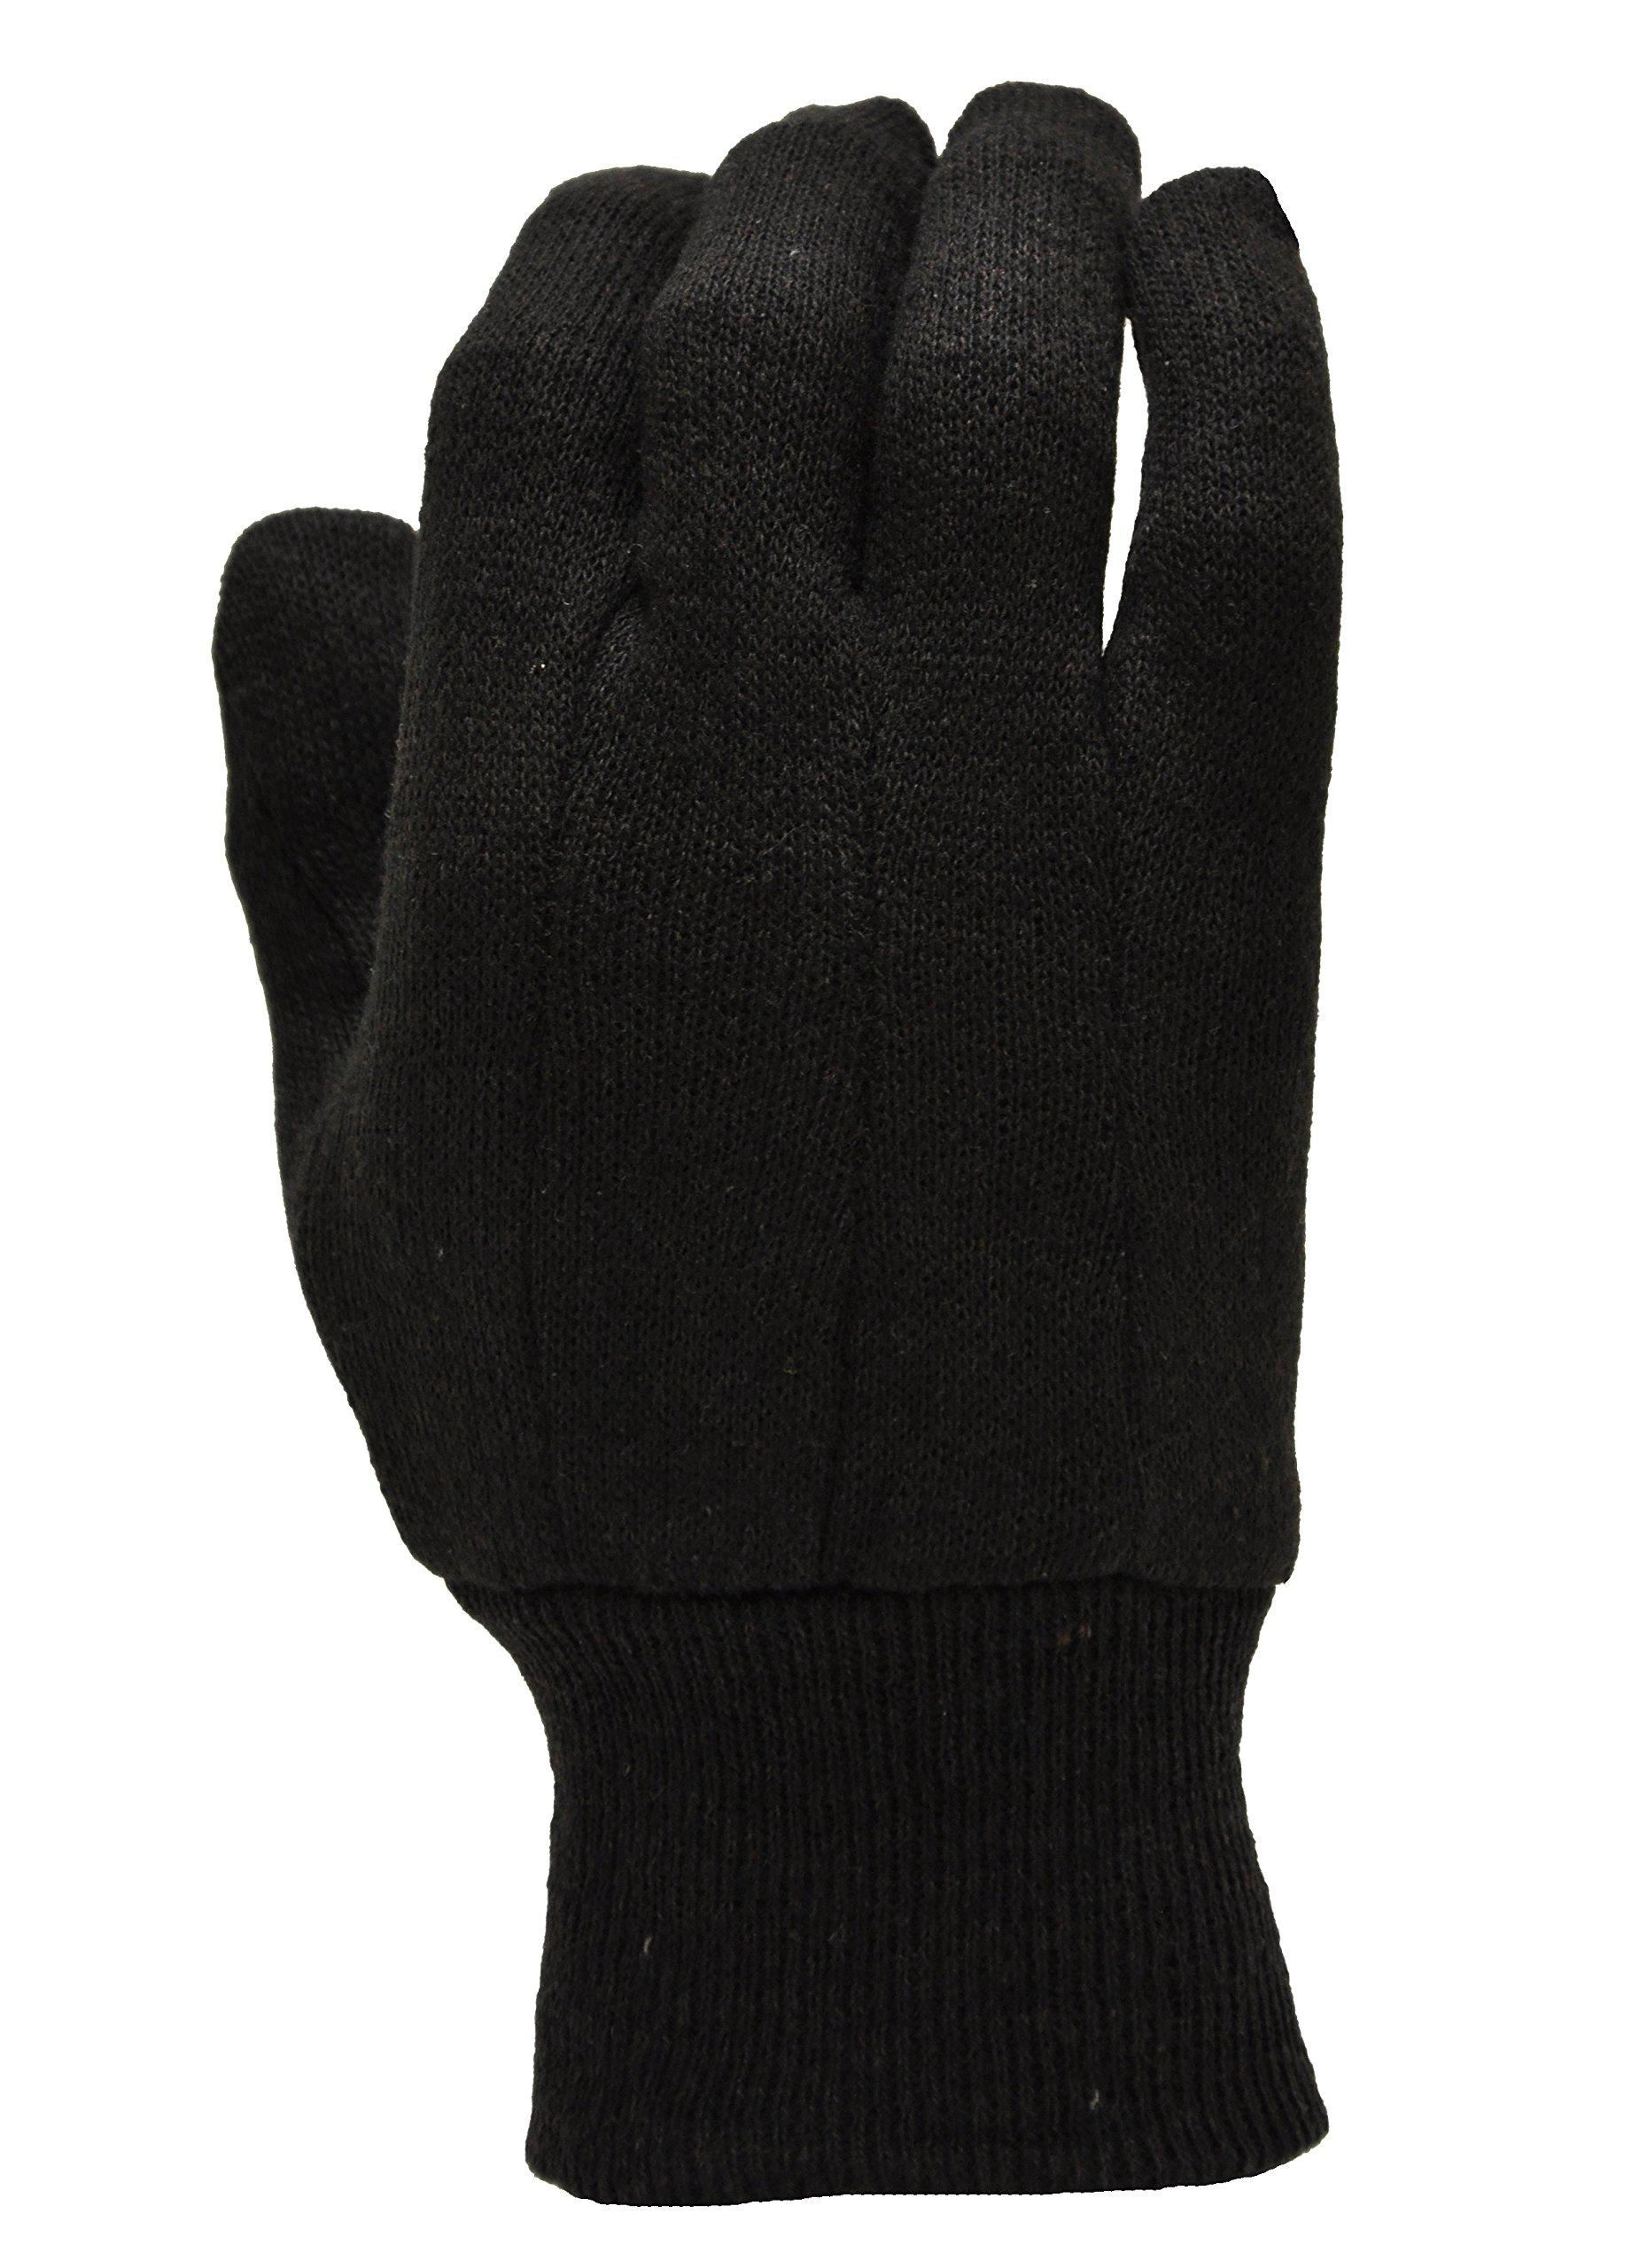 G & F 4408-25 Heavy Weight 9oz Cotton Brown Jersey Work Gloves, Large, 25-Dozen by G & F (Image #3)